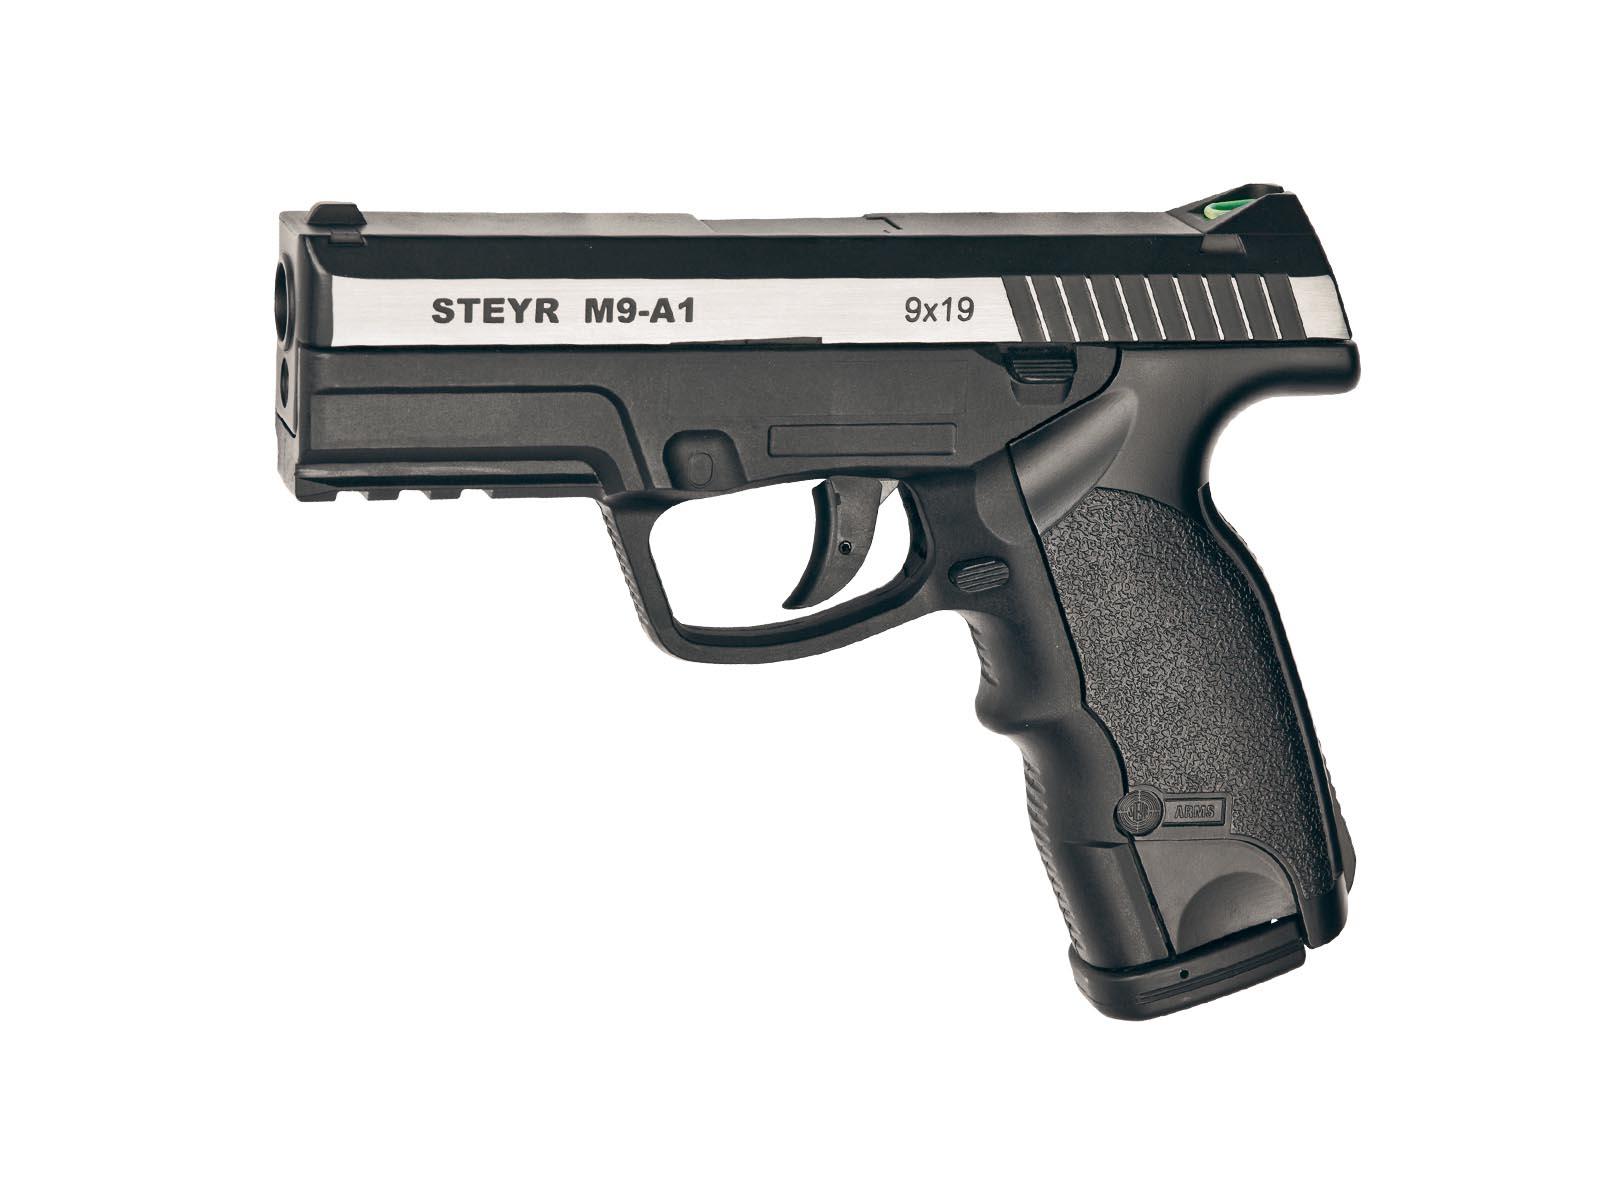 Steyr M9-A1, .177 cal Co2 BB Pistol